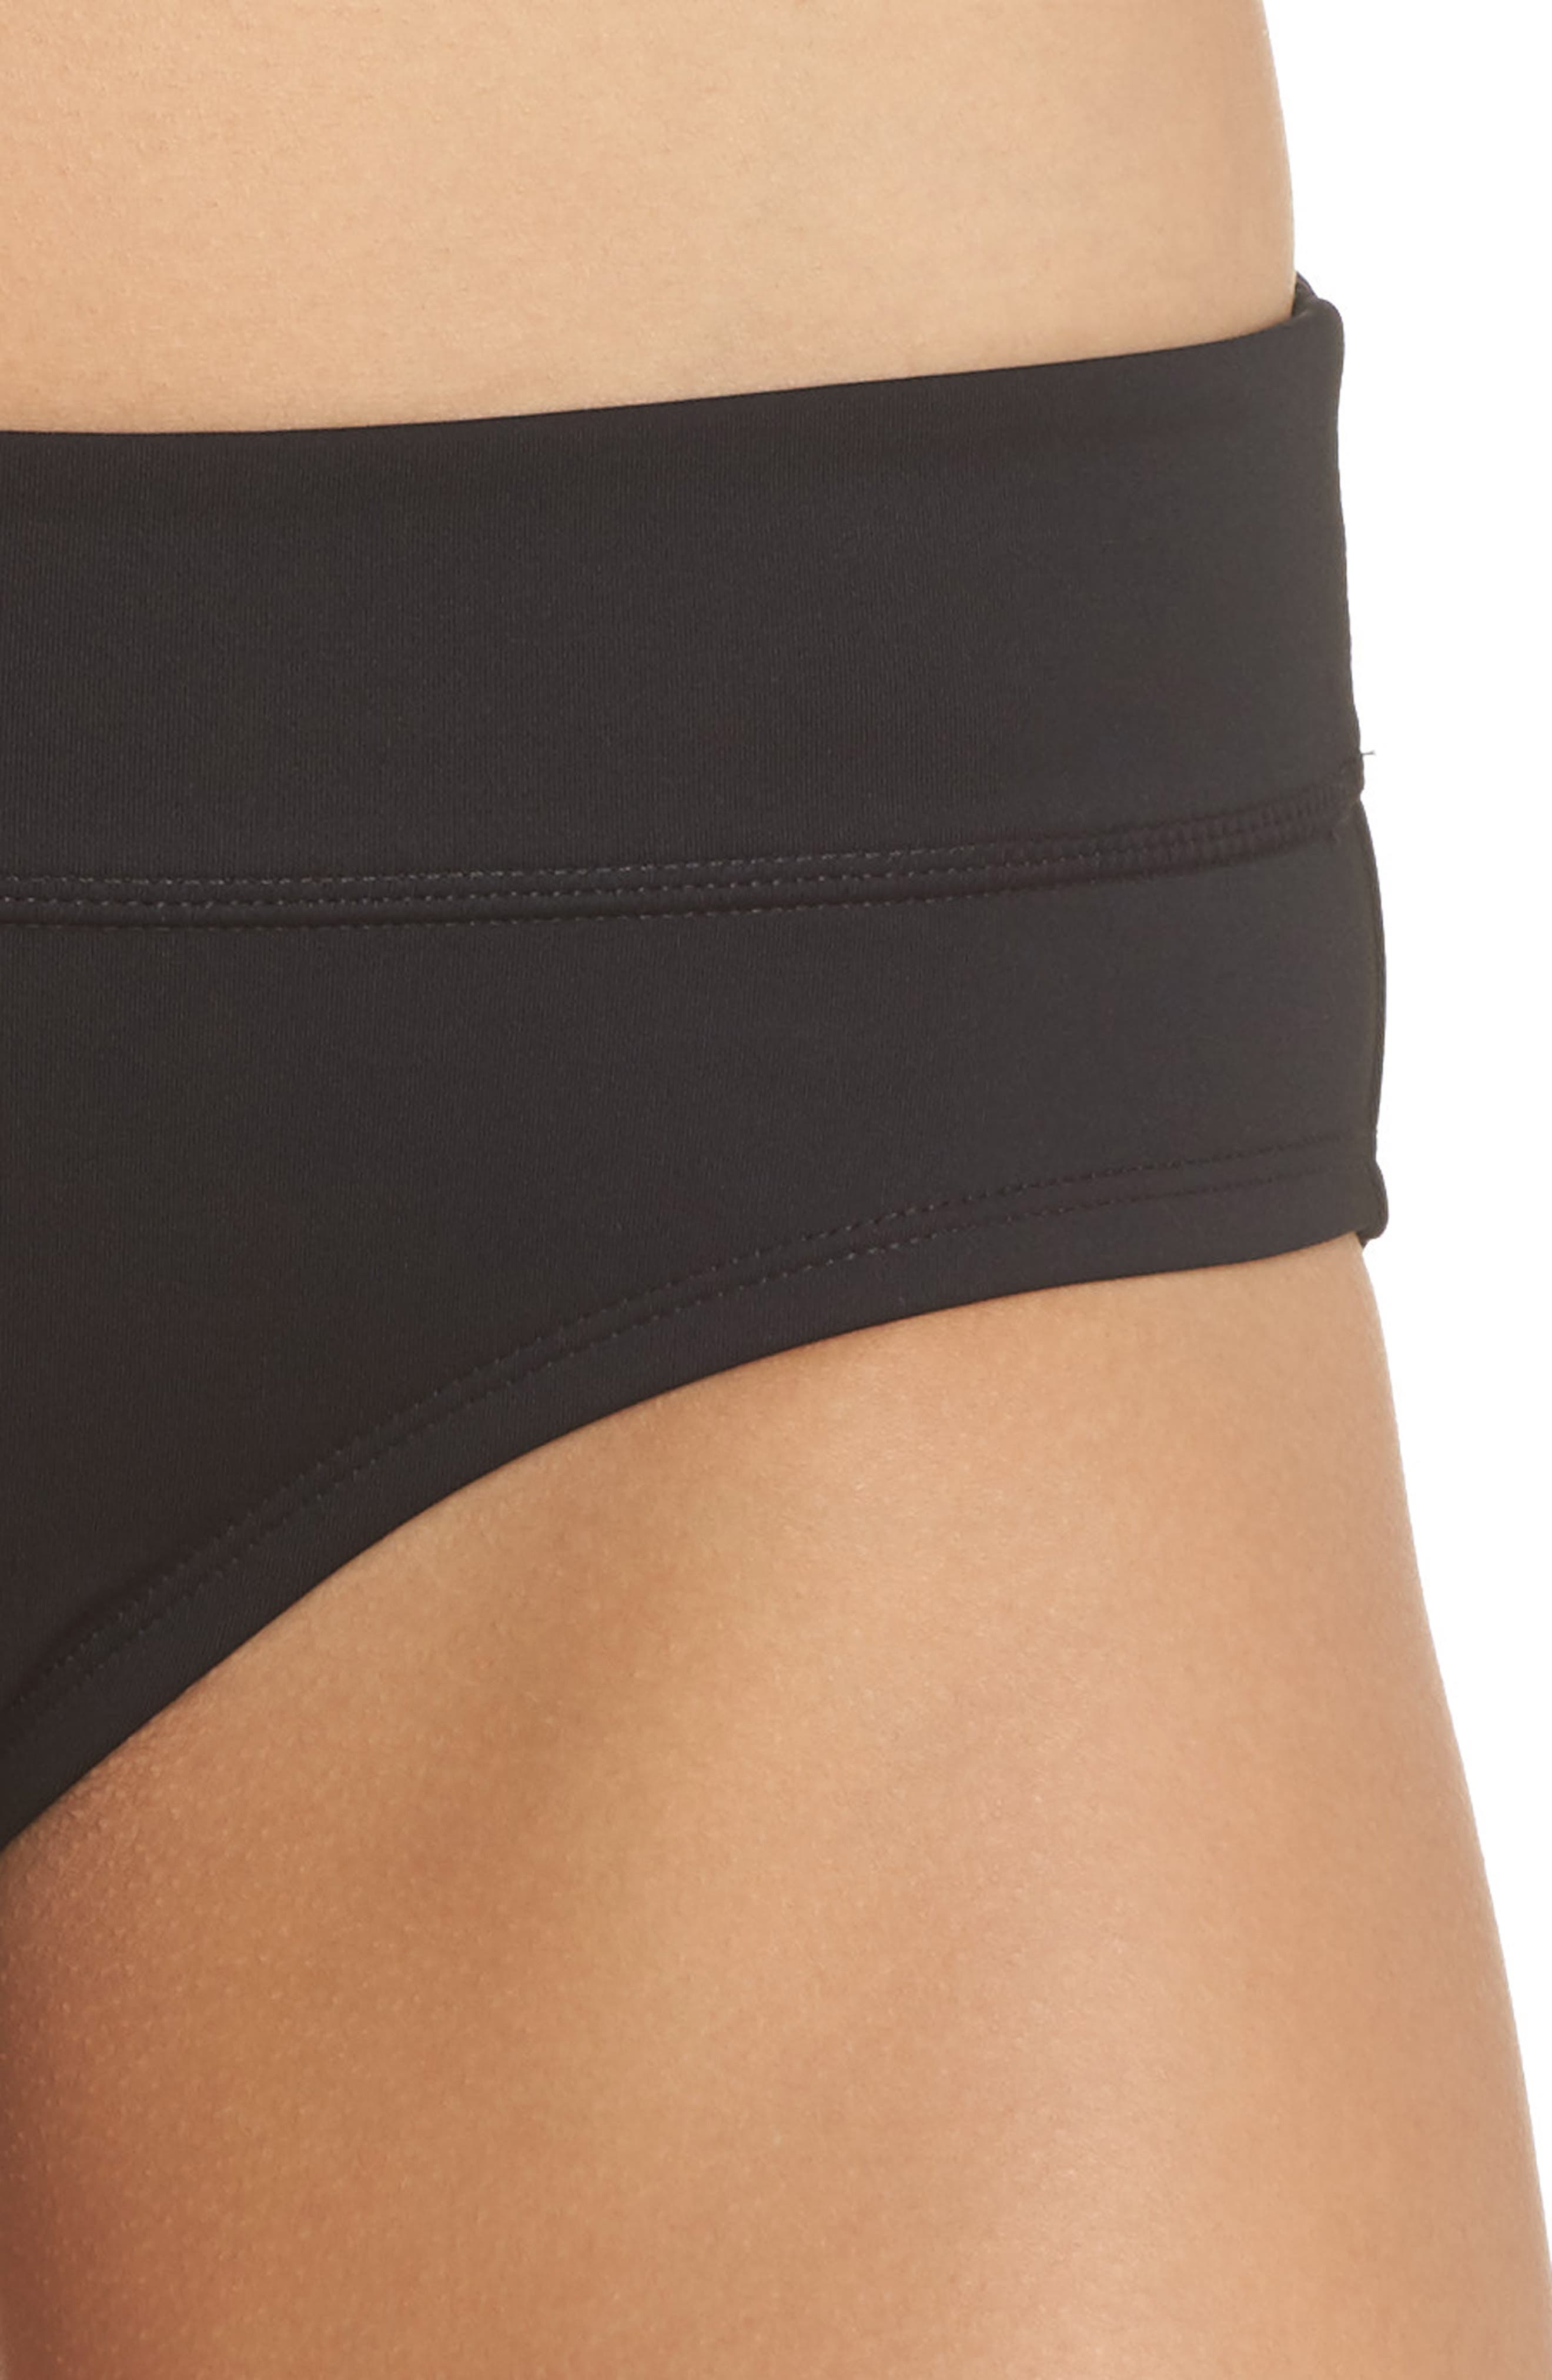 Full Bikini Bottoms,                             Alternate thumbnail 4, color,                             Black